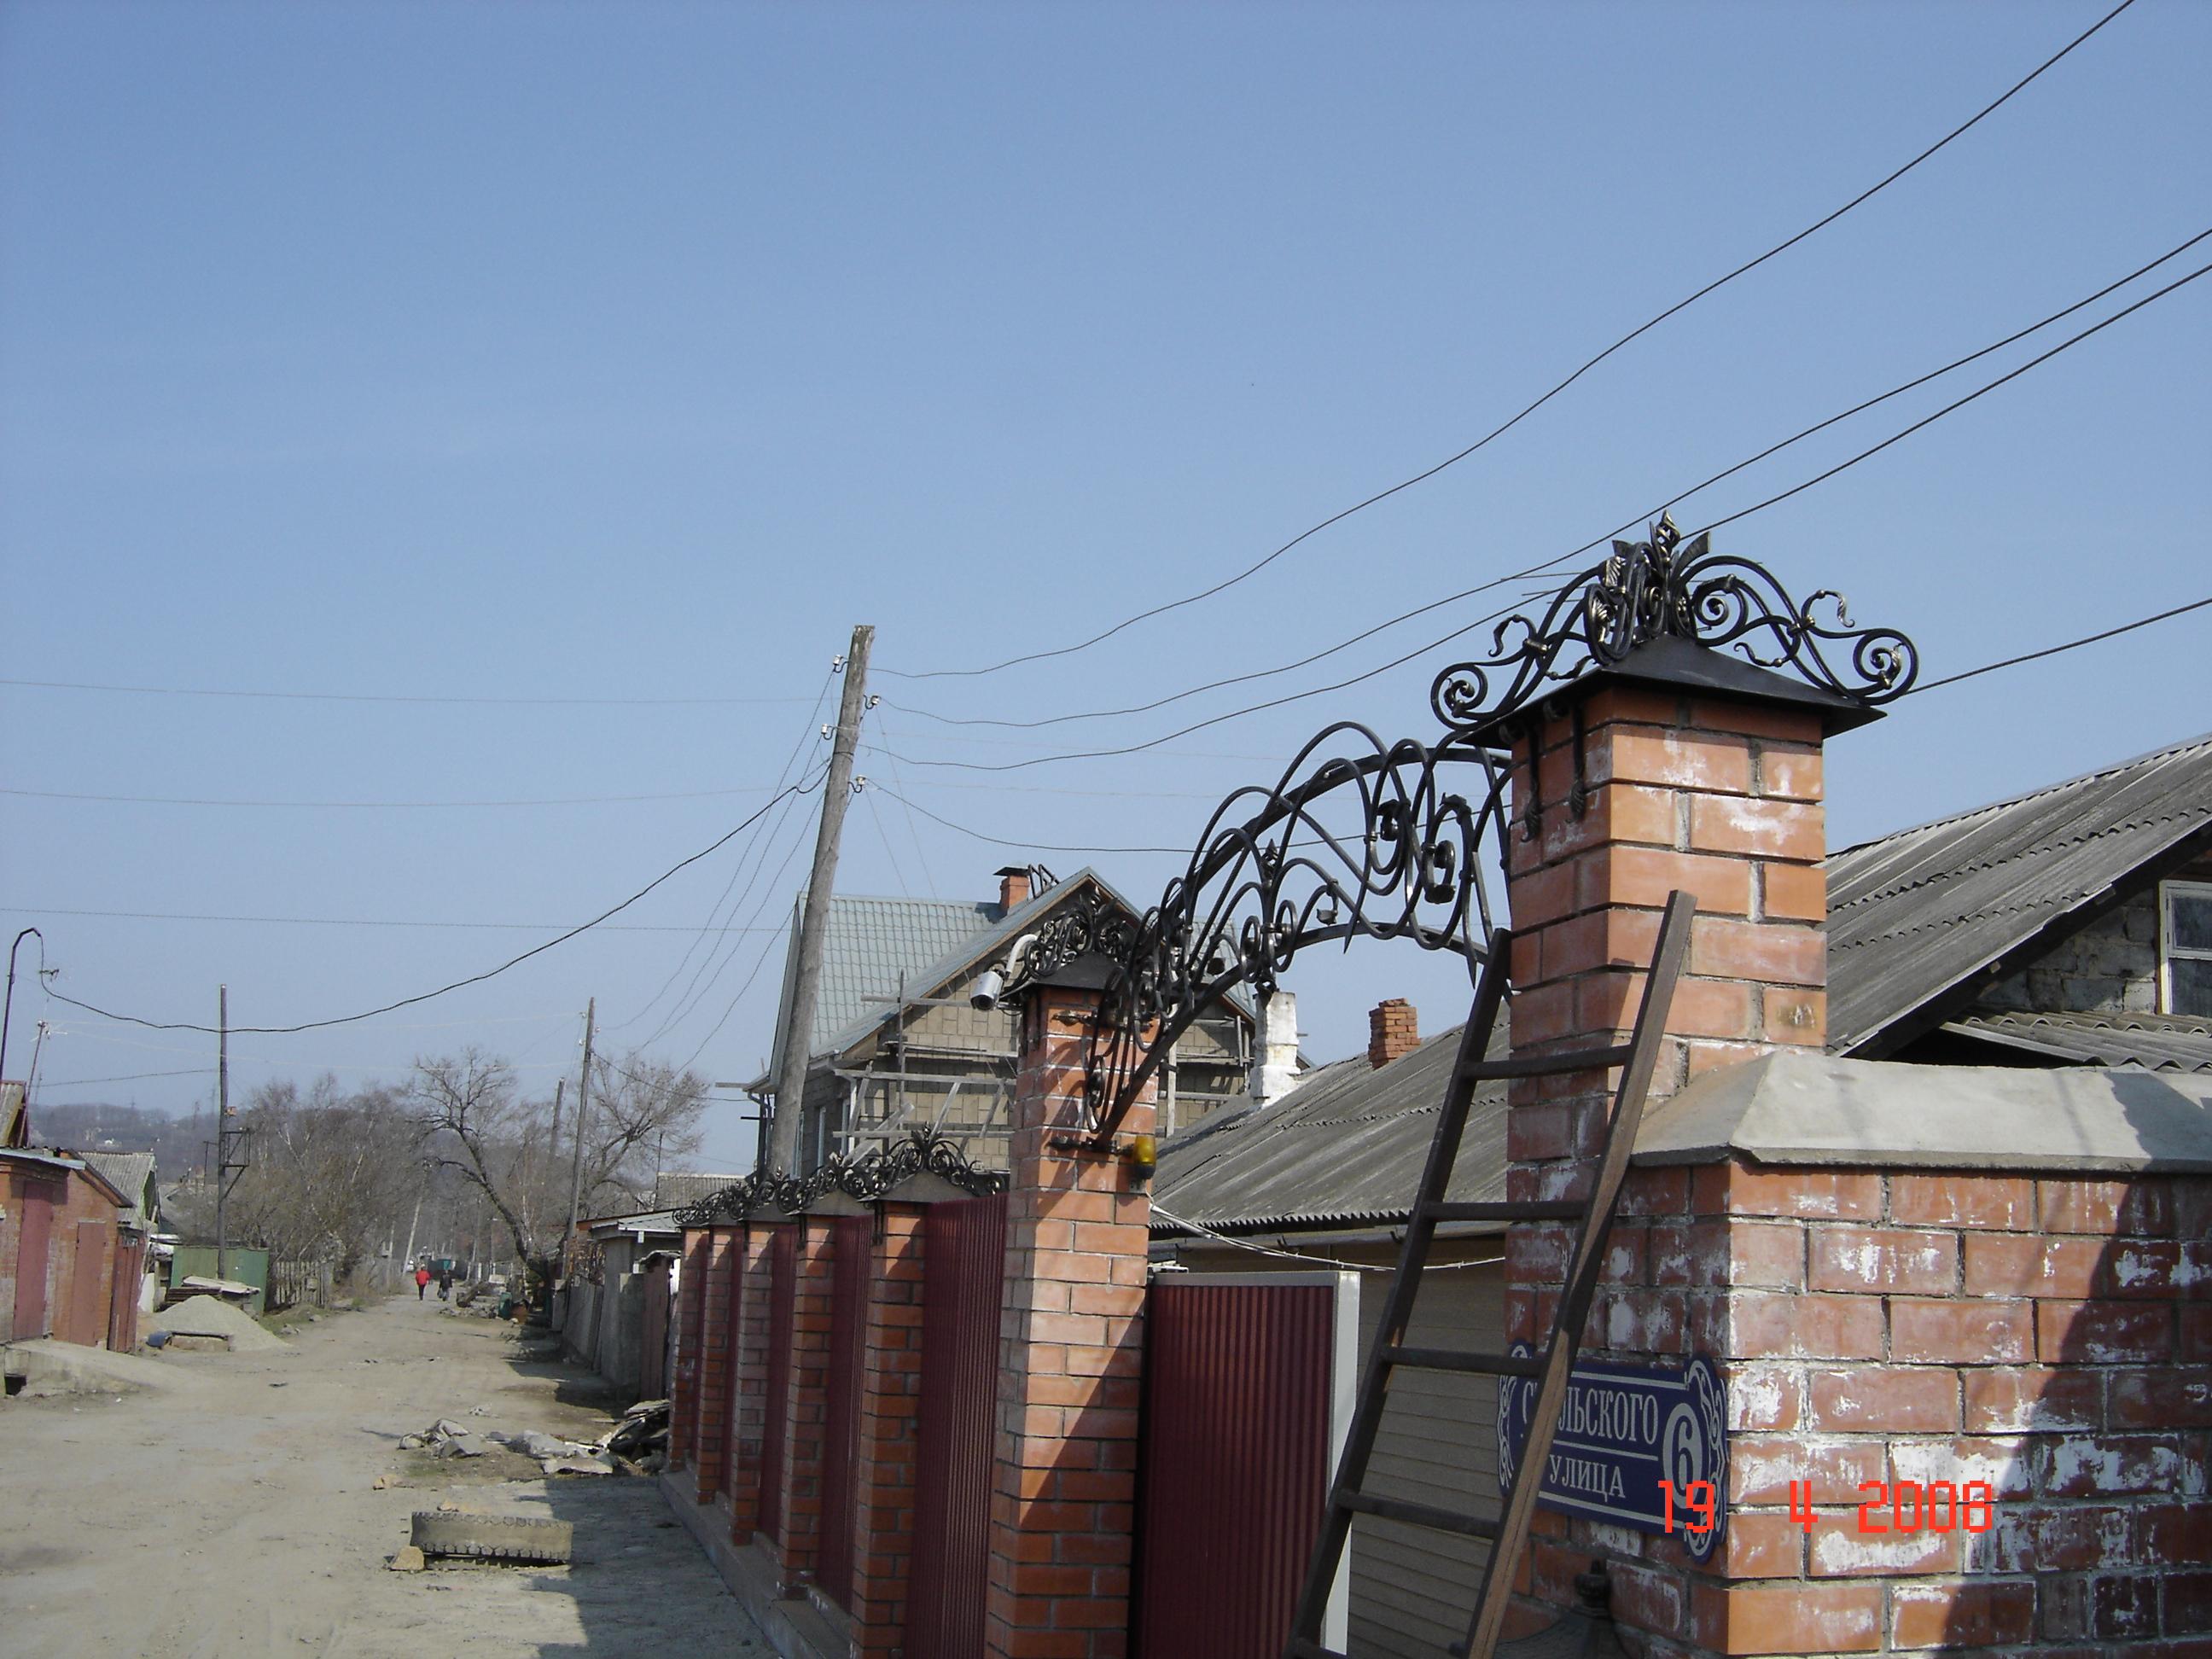 кованые навершия столбов, кованая арка ворот, художественная ковка,  Владивосток